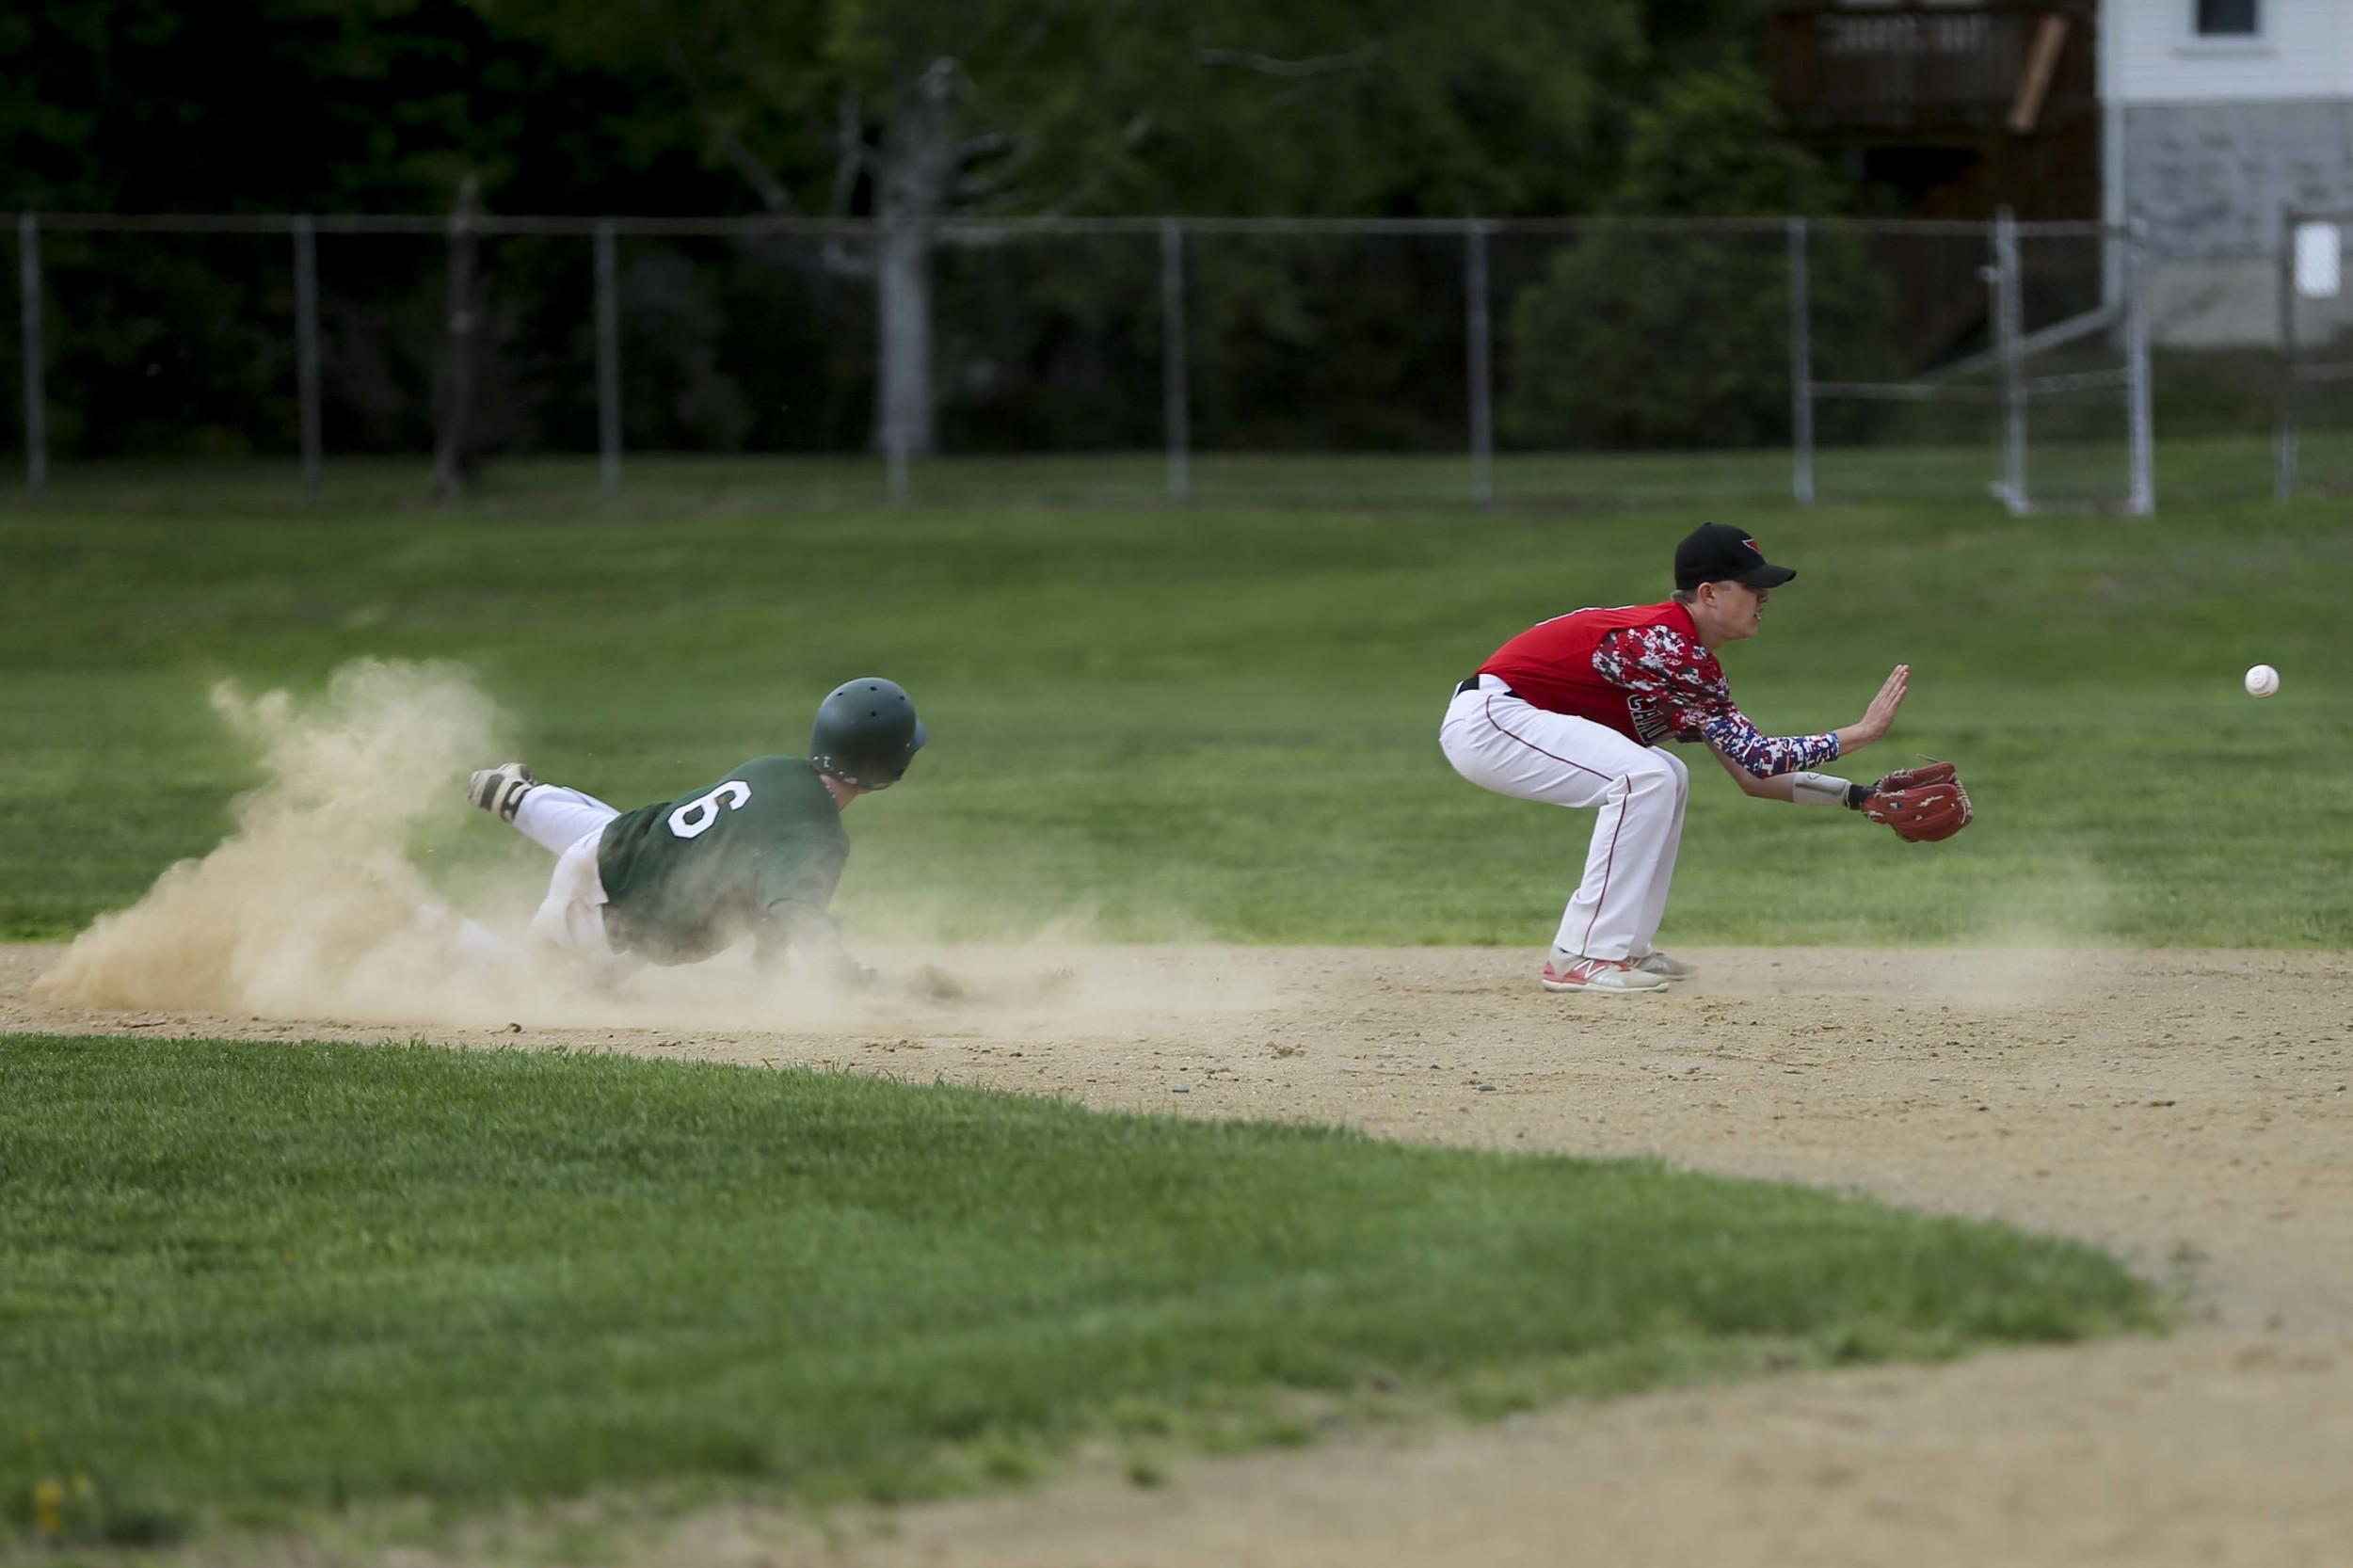 20150520-vn-baseball-ss-030.JPG